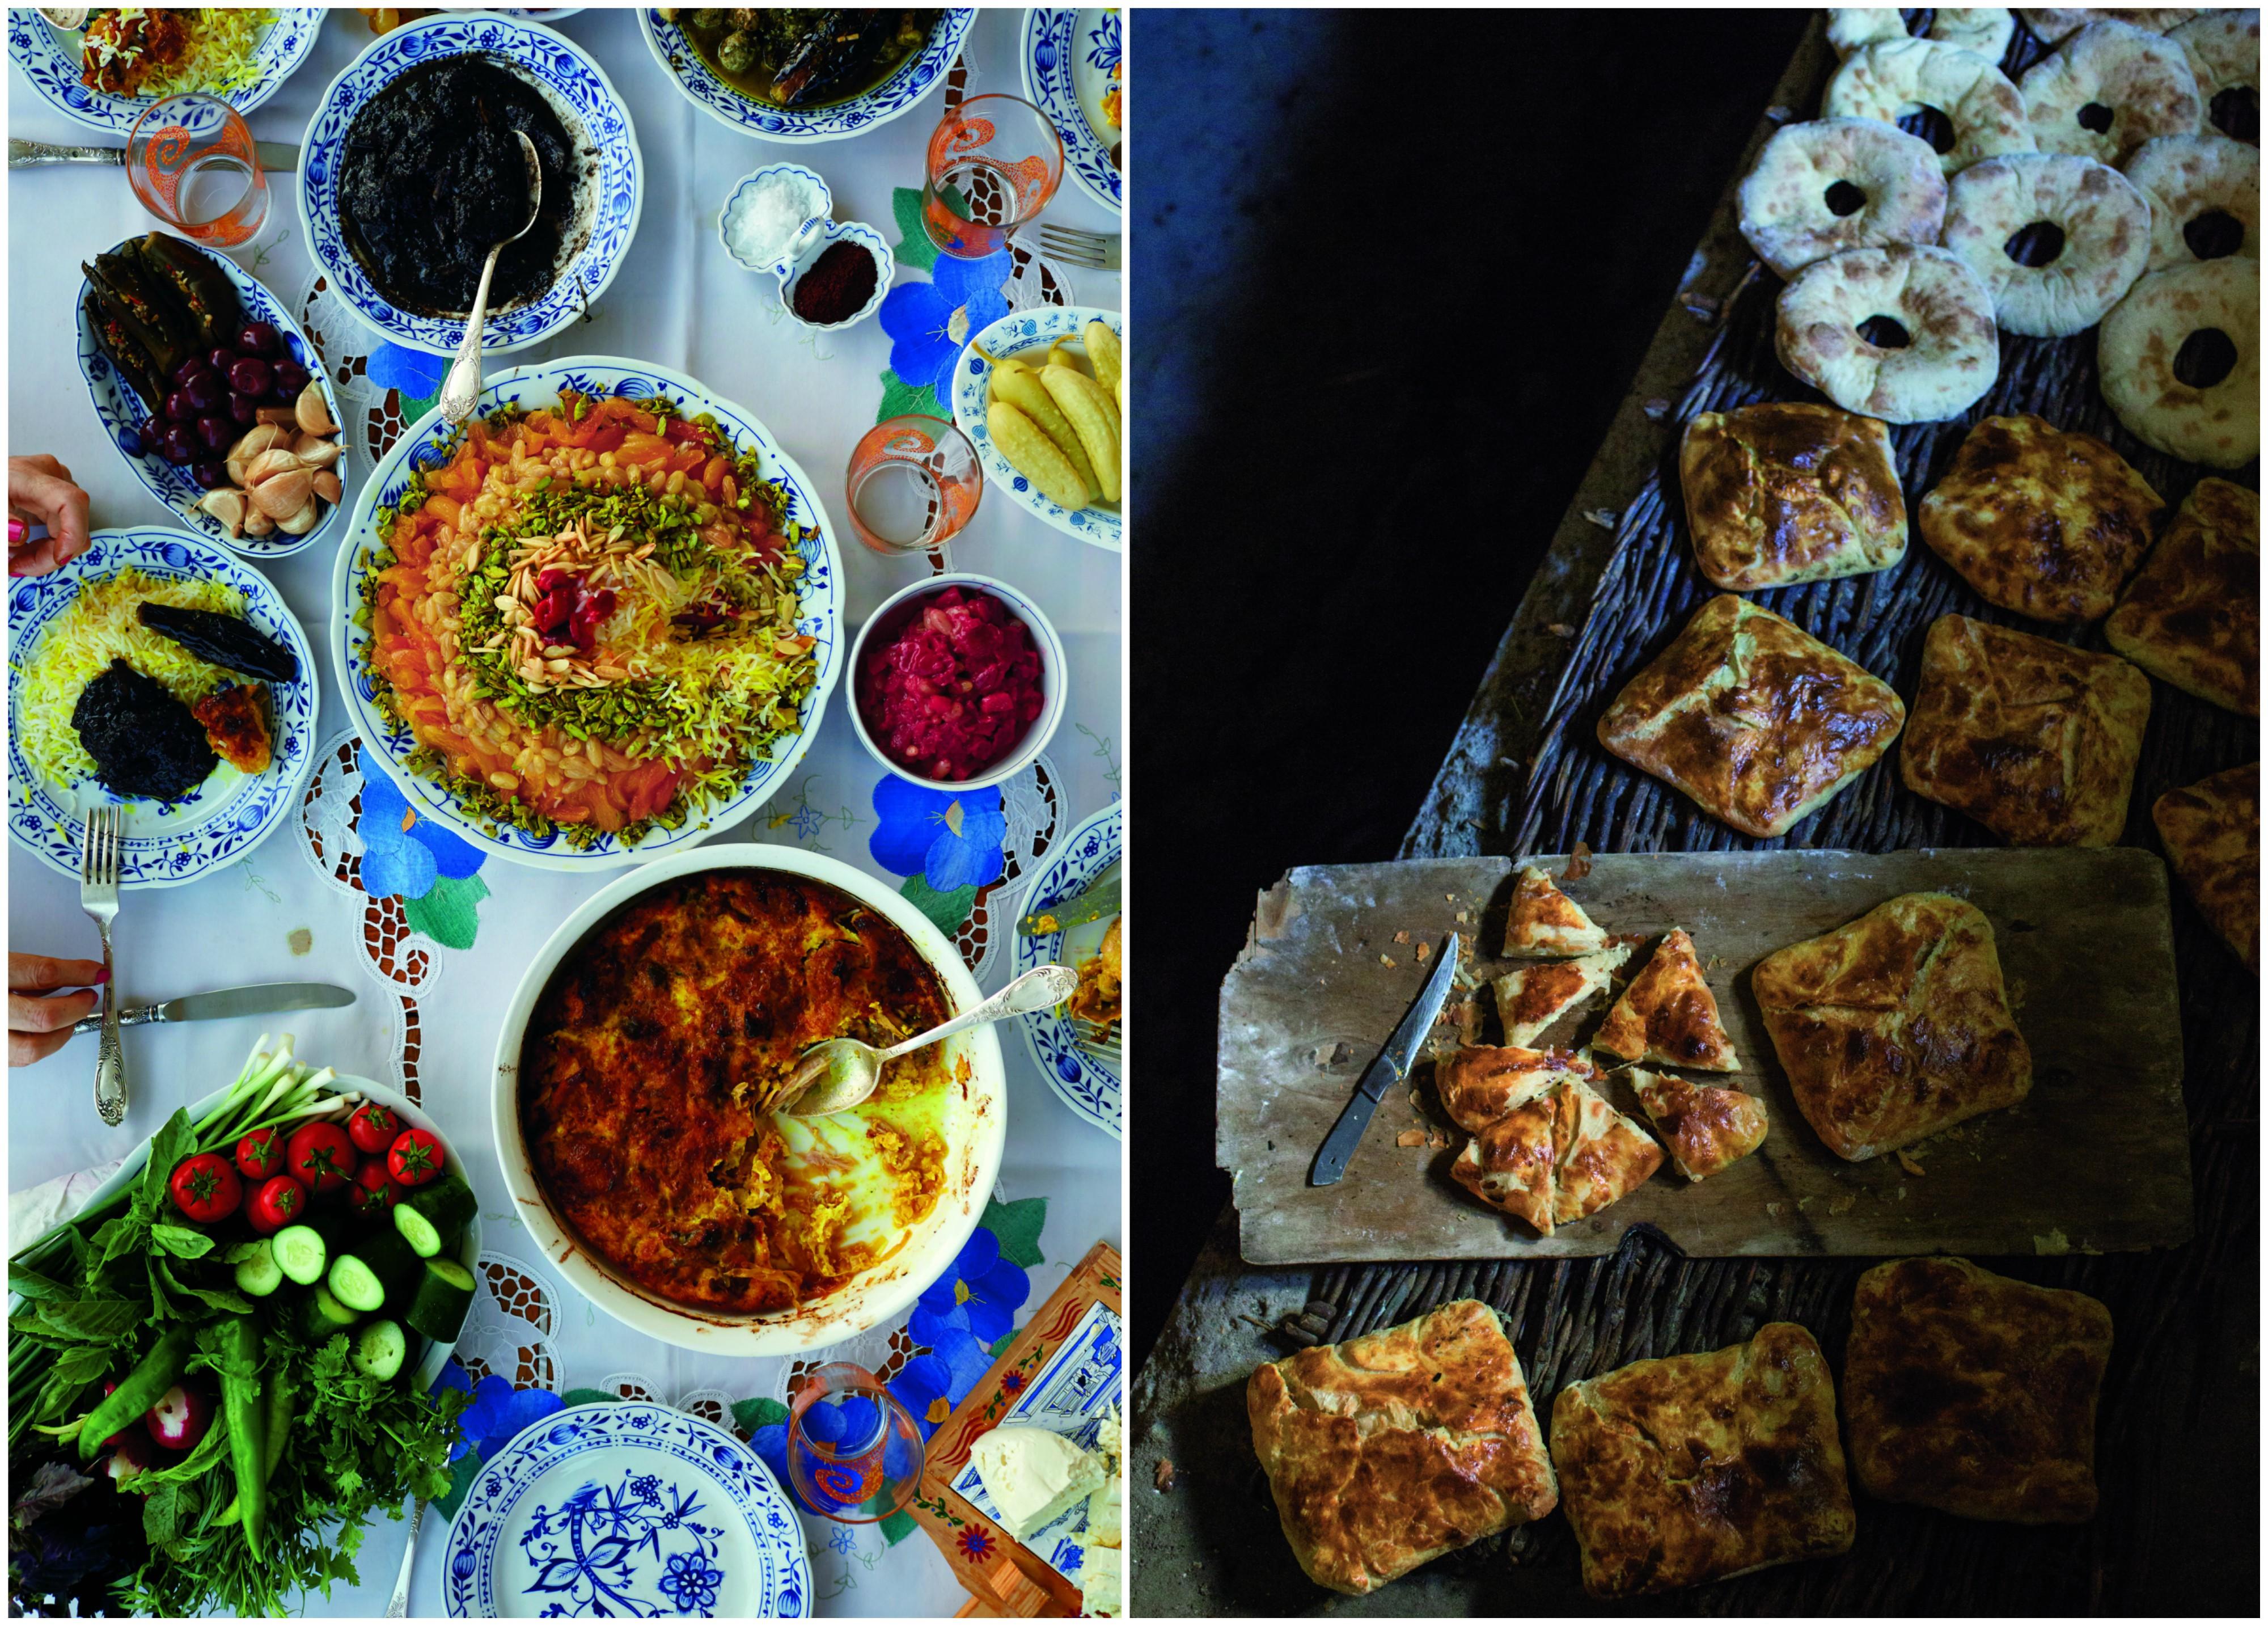 Czigyrtma z kurczaka (po lewej) to jedna z tradycyjnych potraw kuchni gruzińskiej (fot. materiały prasowe)